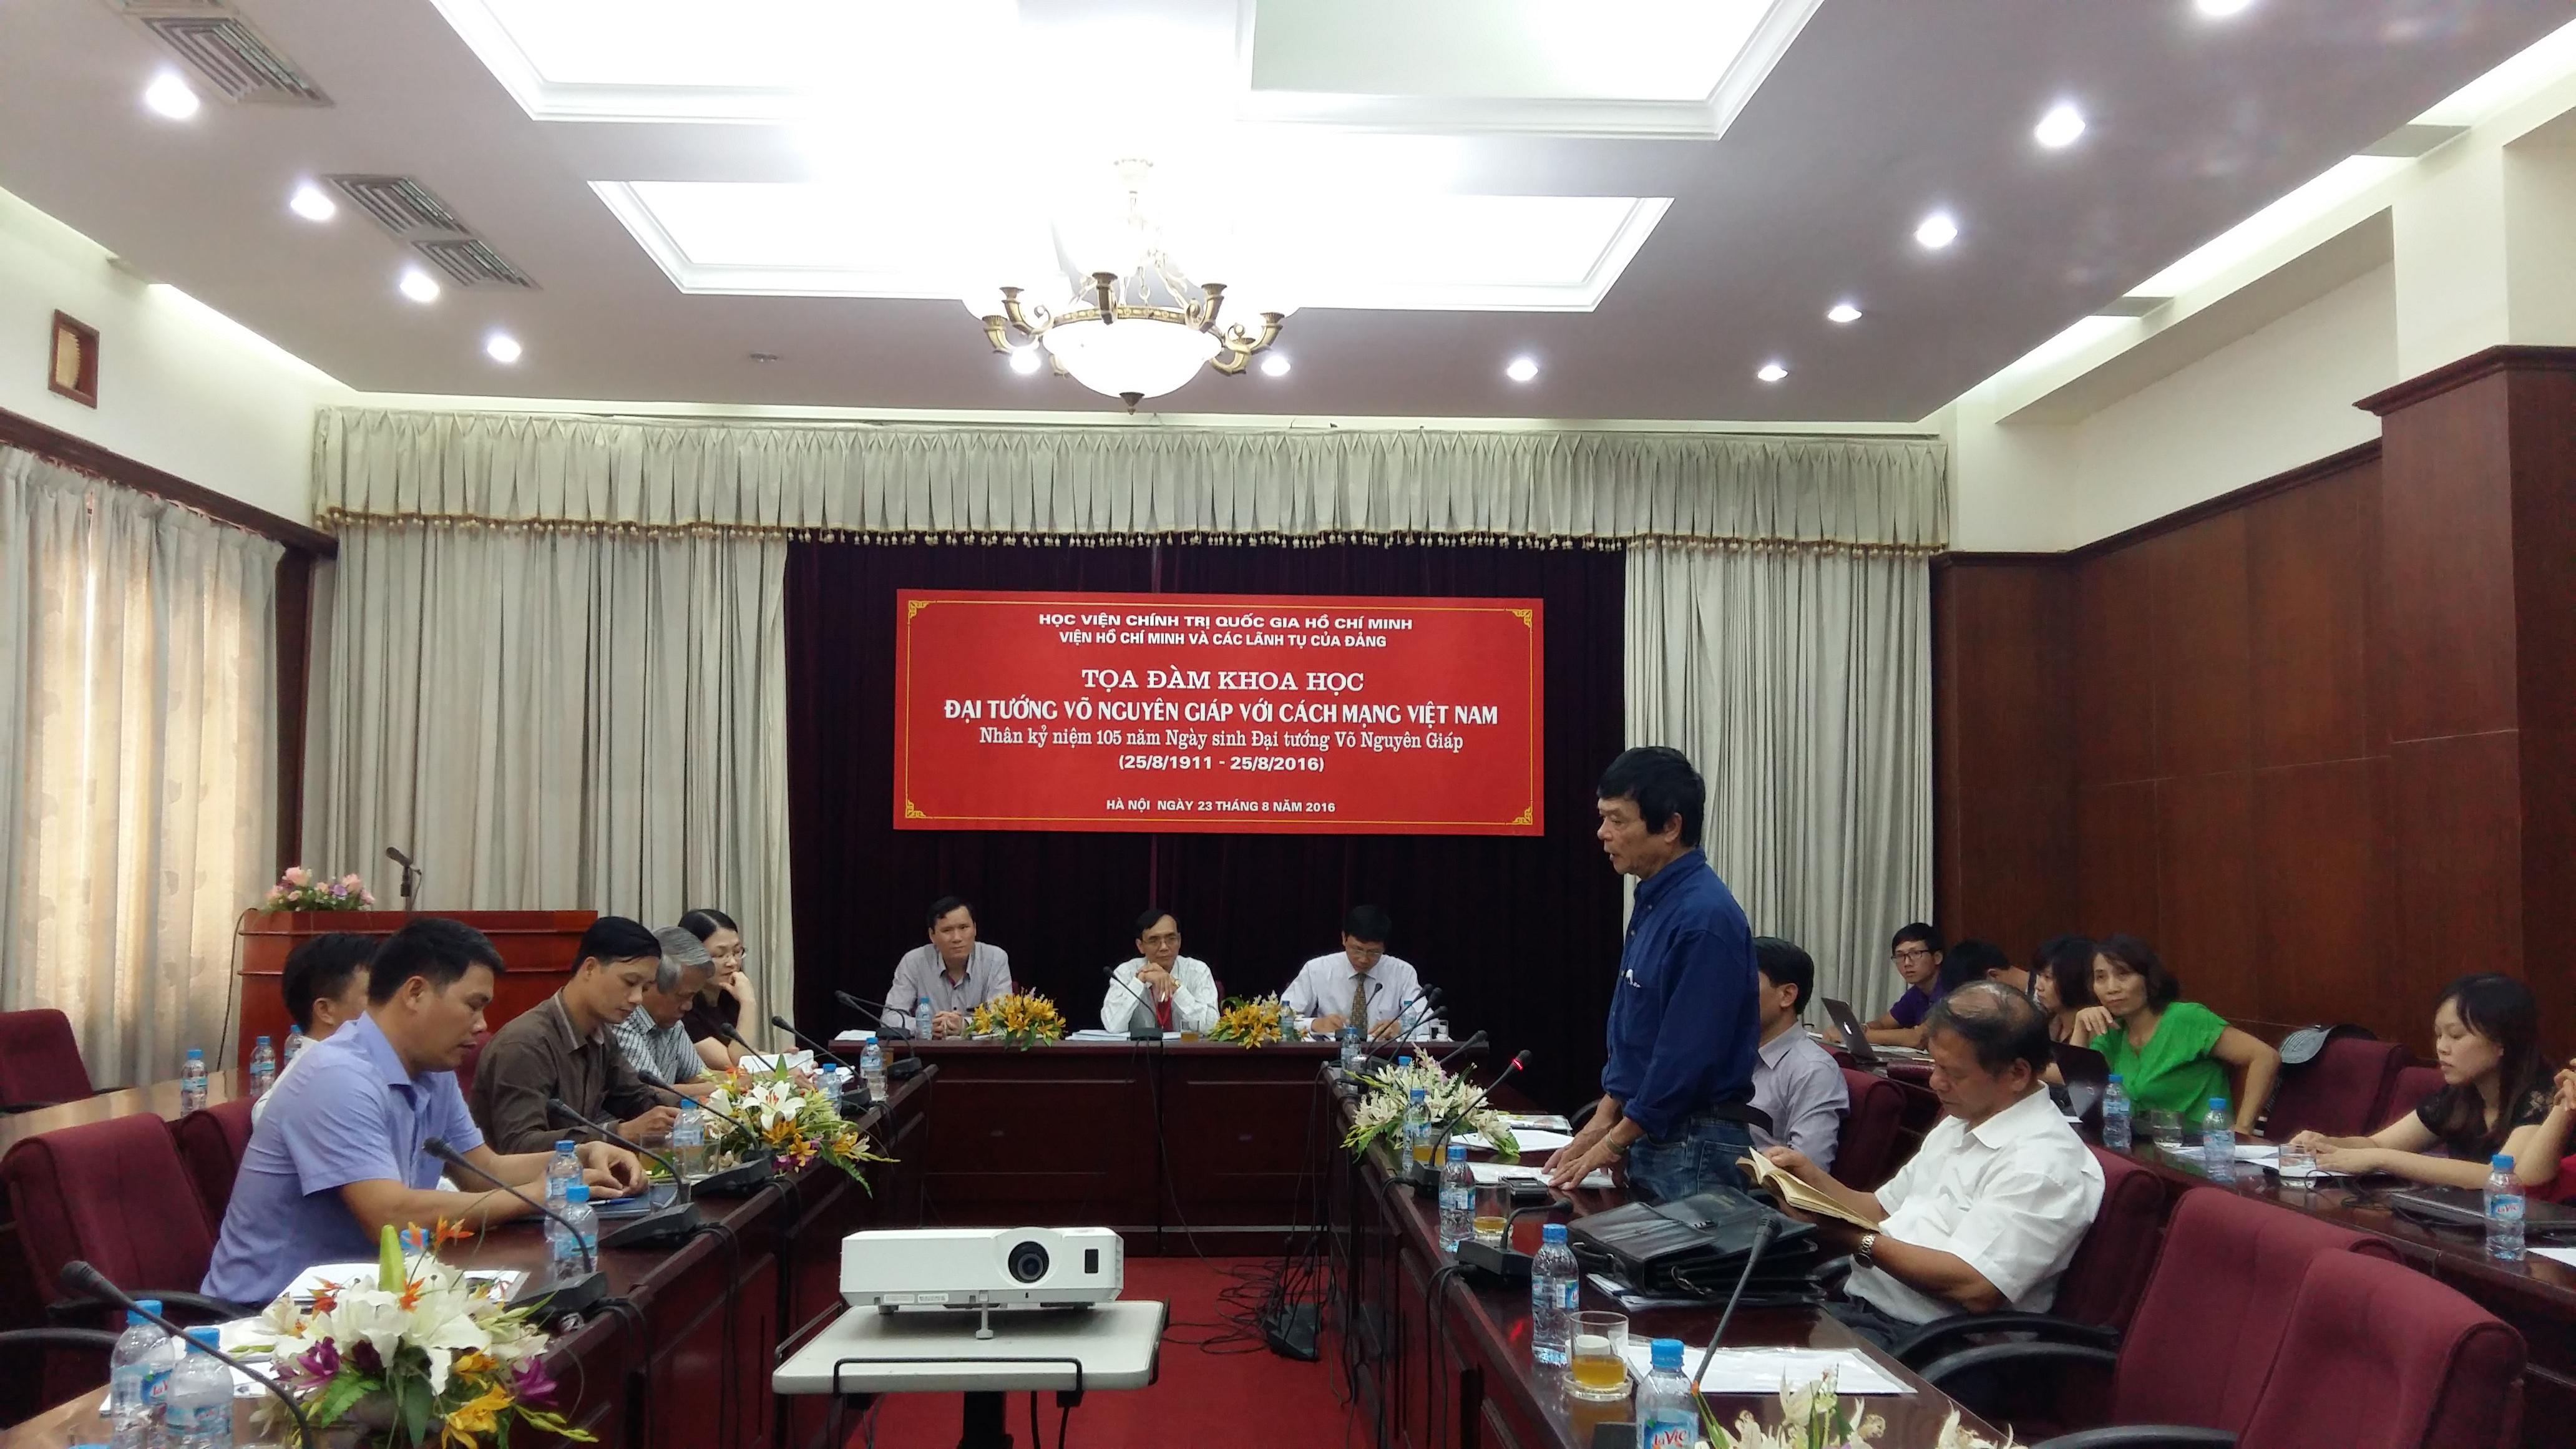 Der Name des Generals Vo Nguyen Giap ist mit großen Siegen der vietnamesischen Volksarmee verbunden